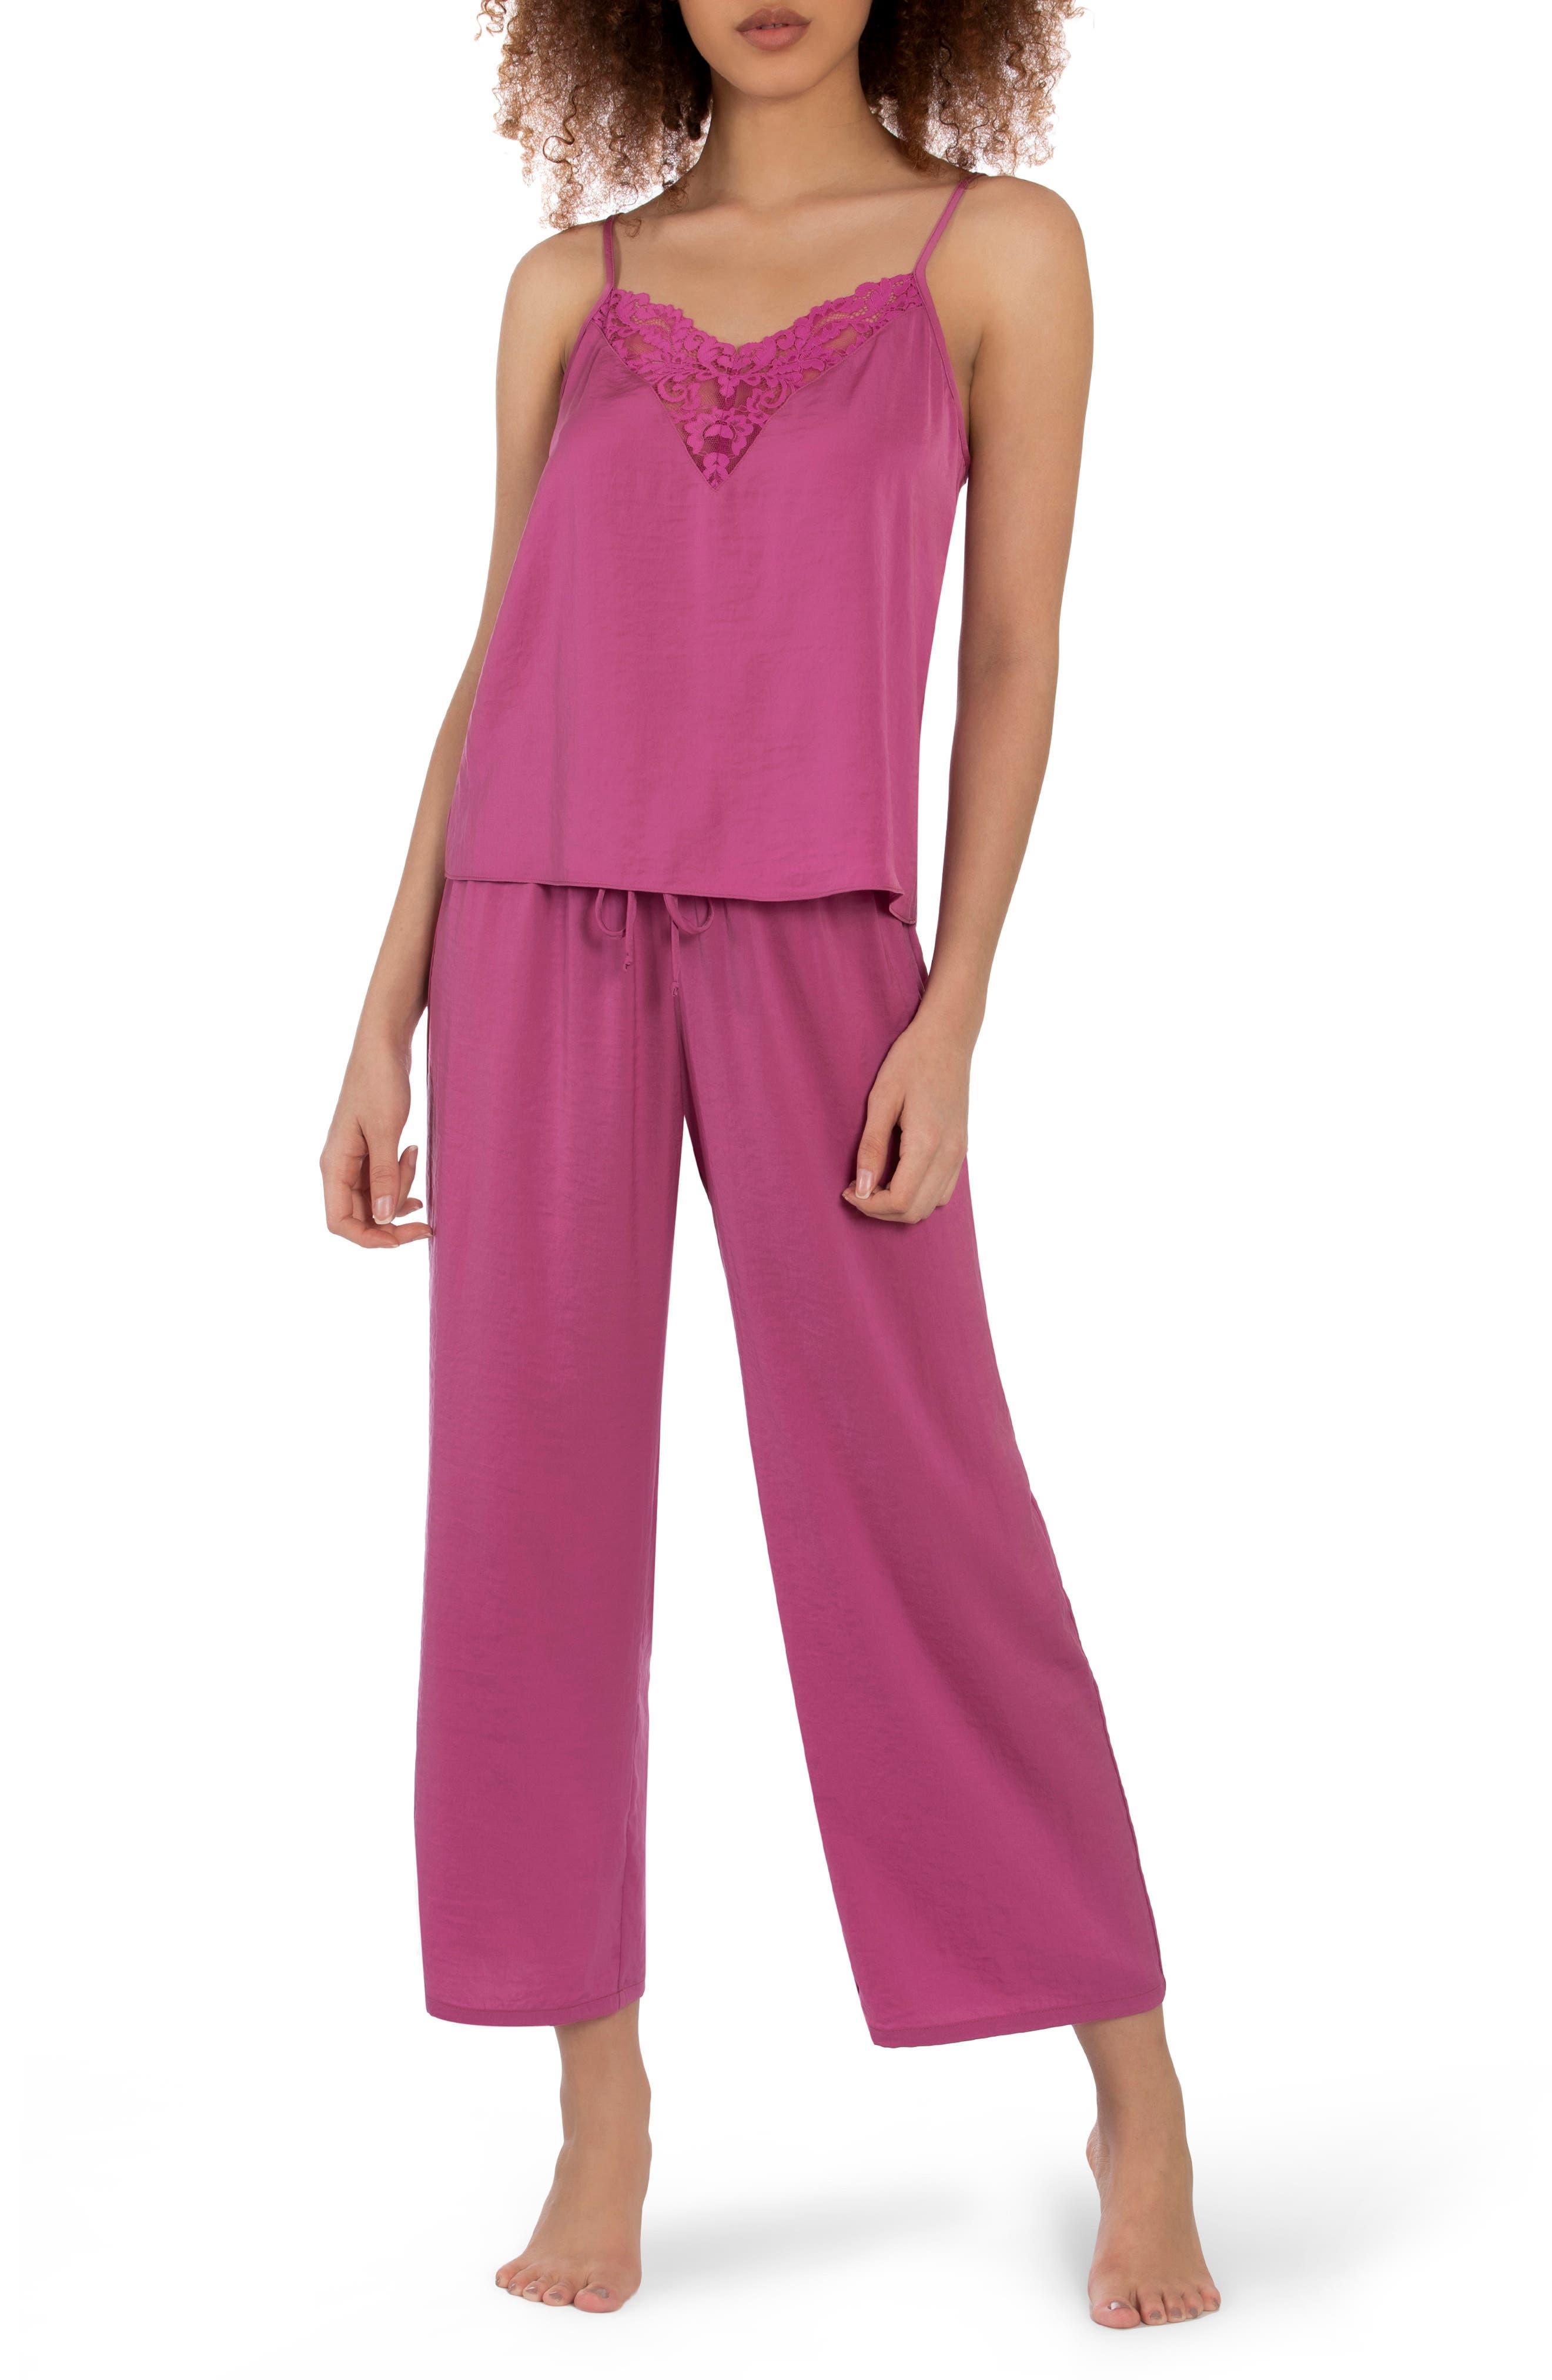 Vintage Pajama Pair Pink Lilac Purple Floral Nightie Set Ladies Separates